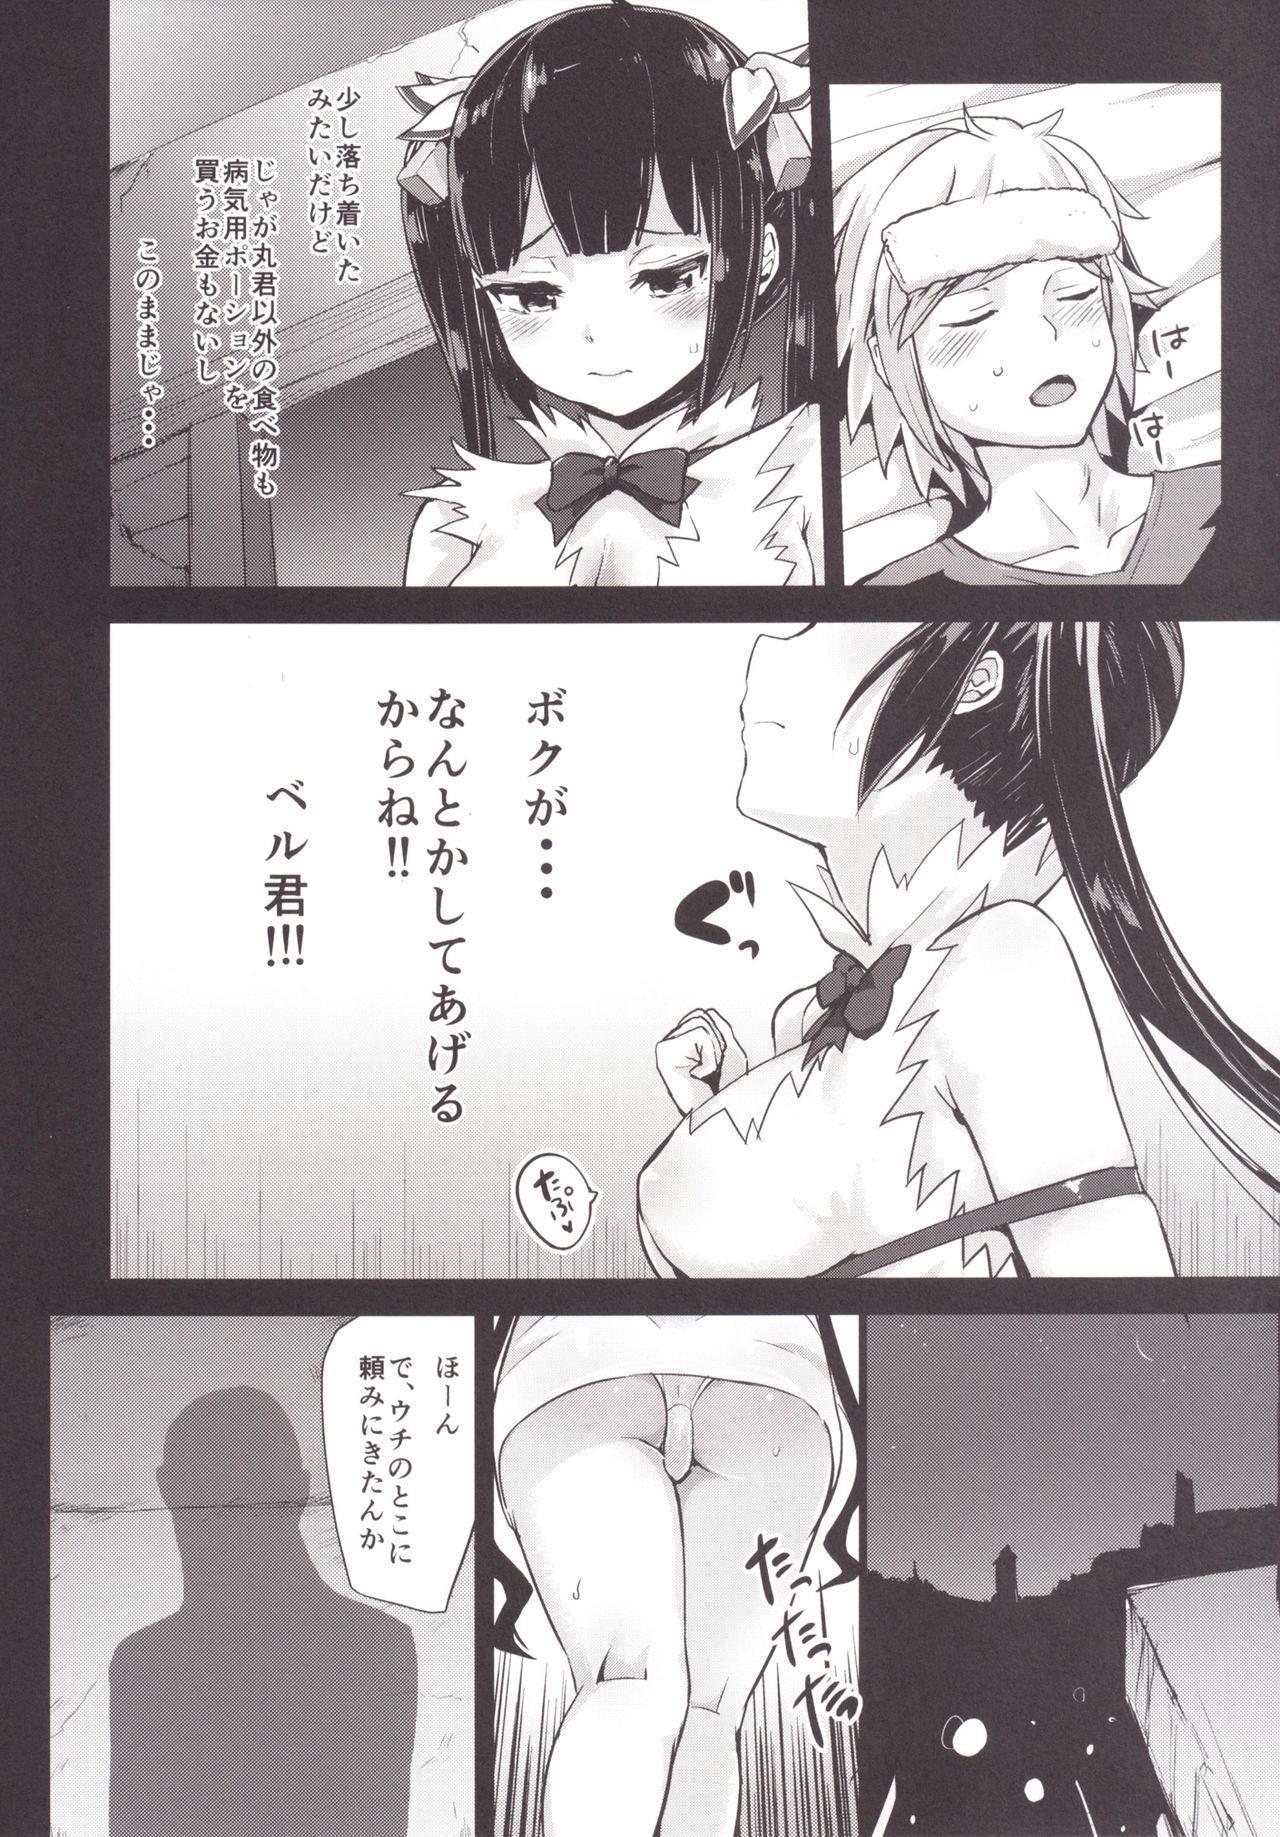 Bell-kun no Tame ni Loki Familiar ni Yararechatta kedo Boku Machigattenai yo ne? 7